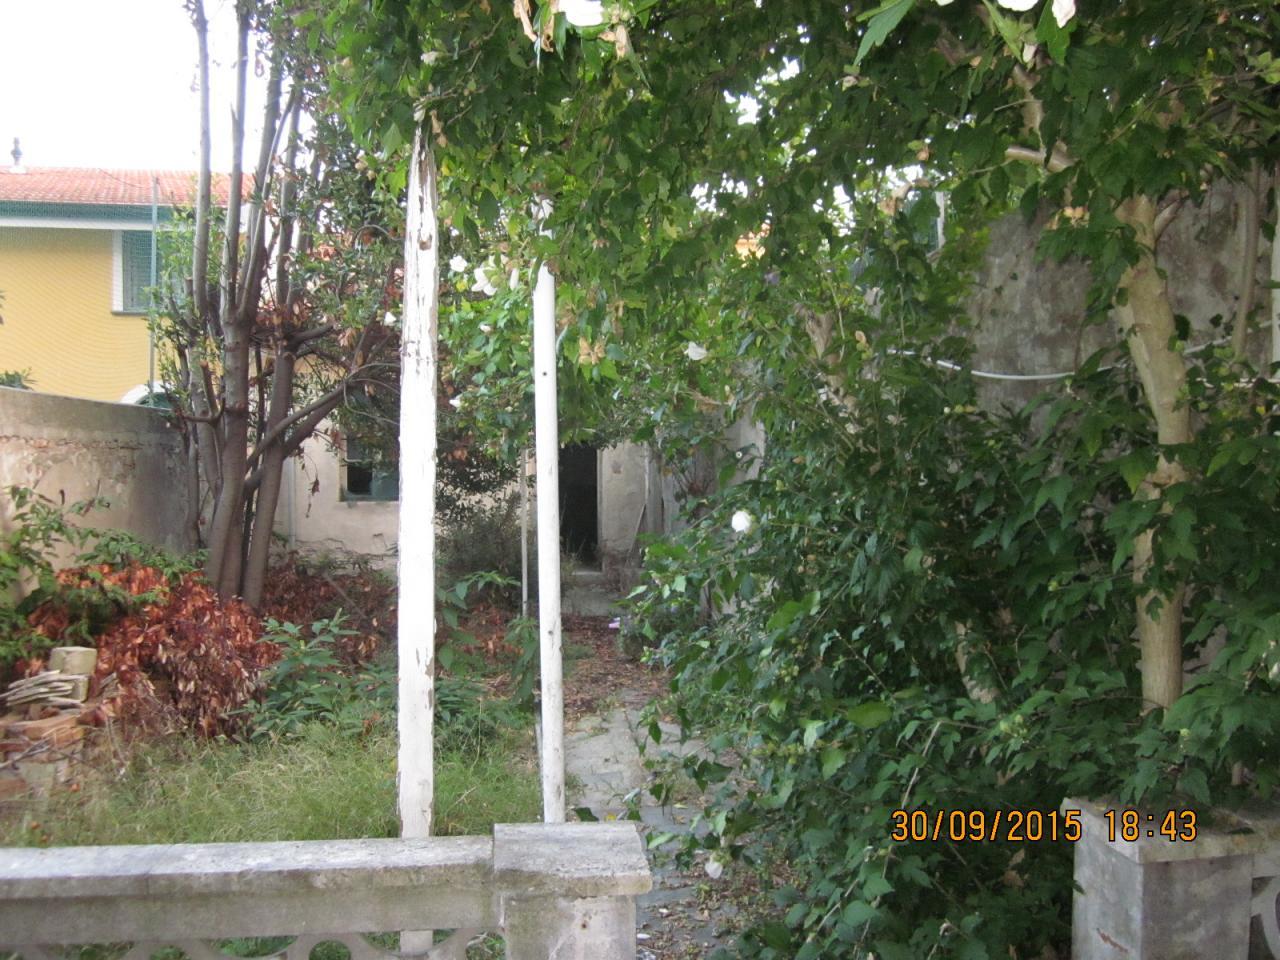 Soluzione Indipendente in vendita a Viareggio, 6 locali, prezzo € 320.000 | Cambio Casa.it